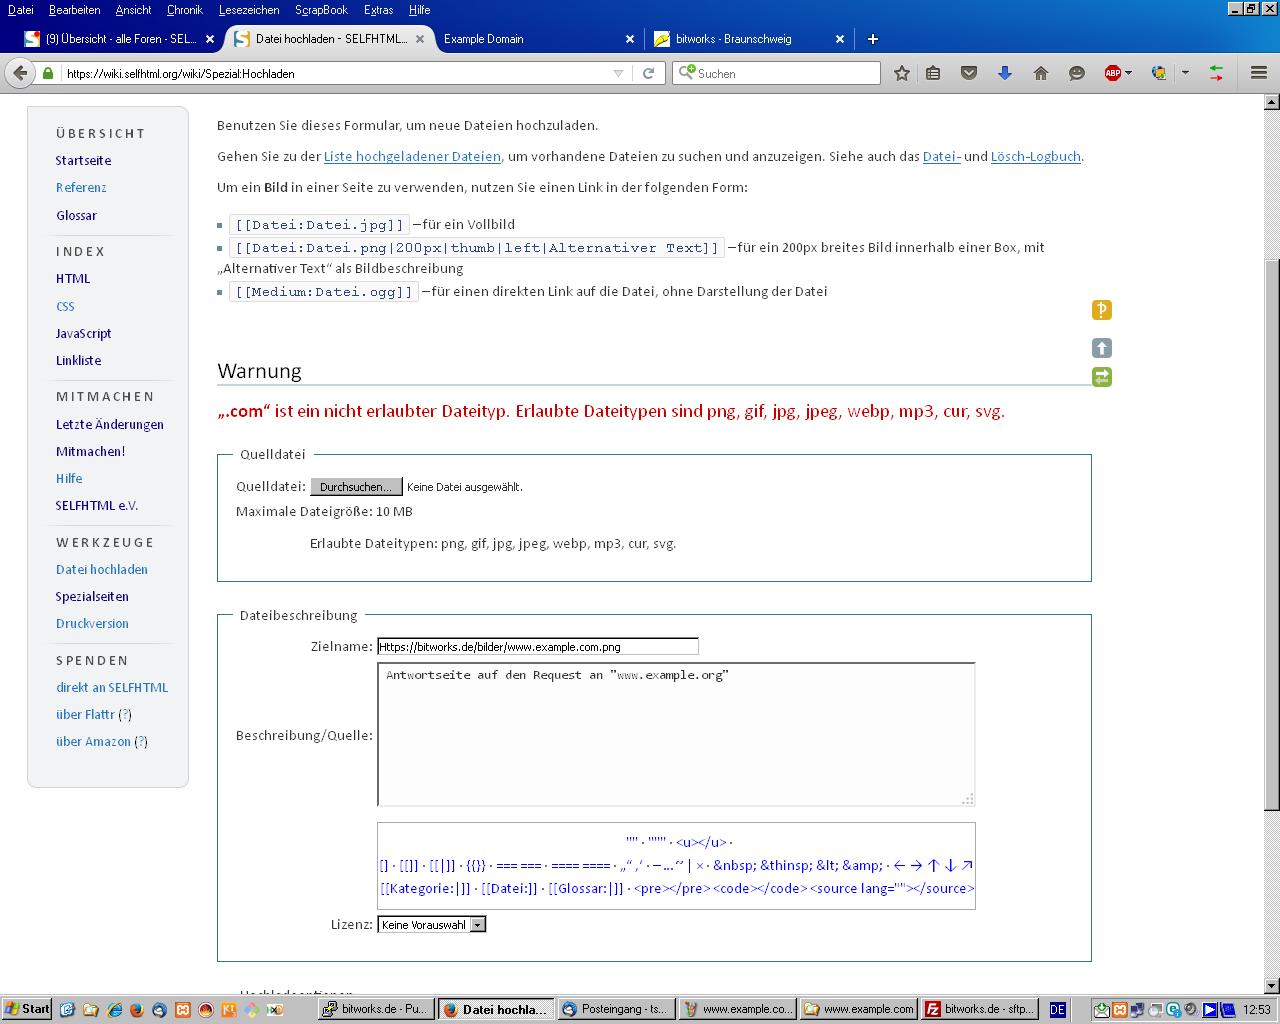 Unerlaubter Dateityp